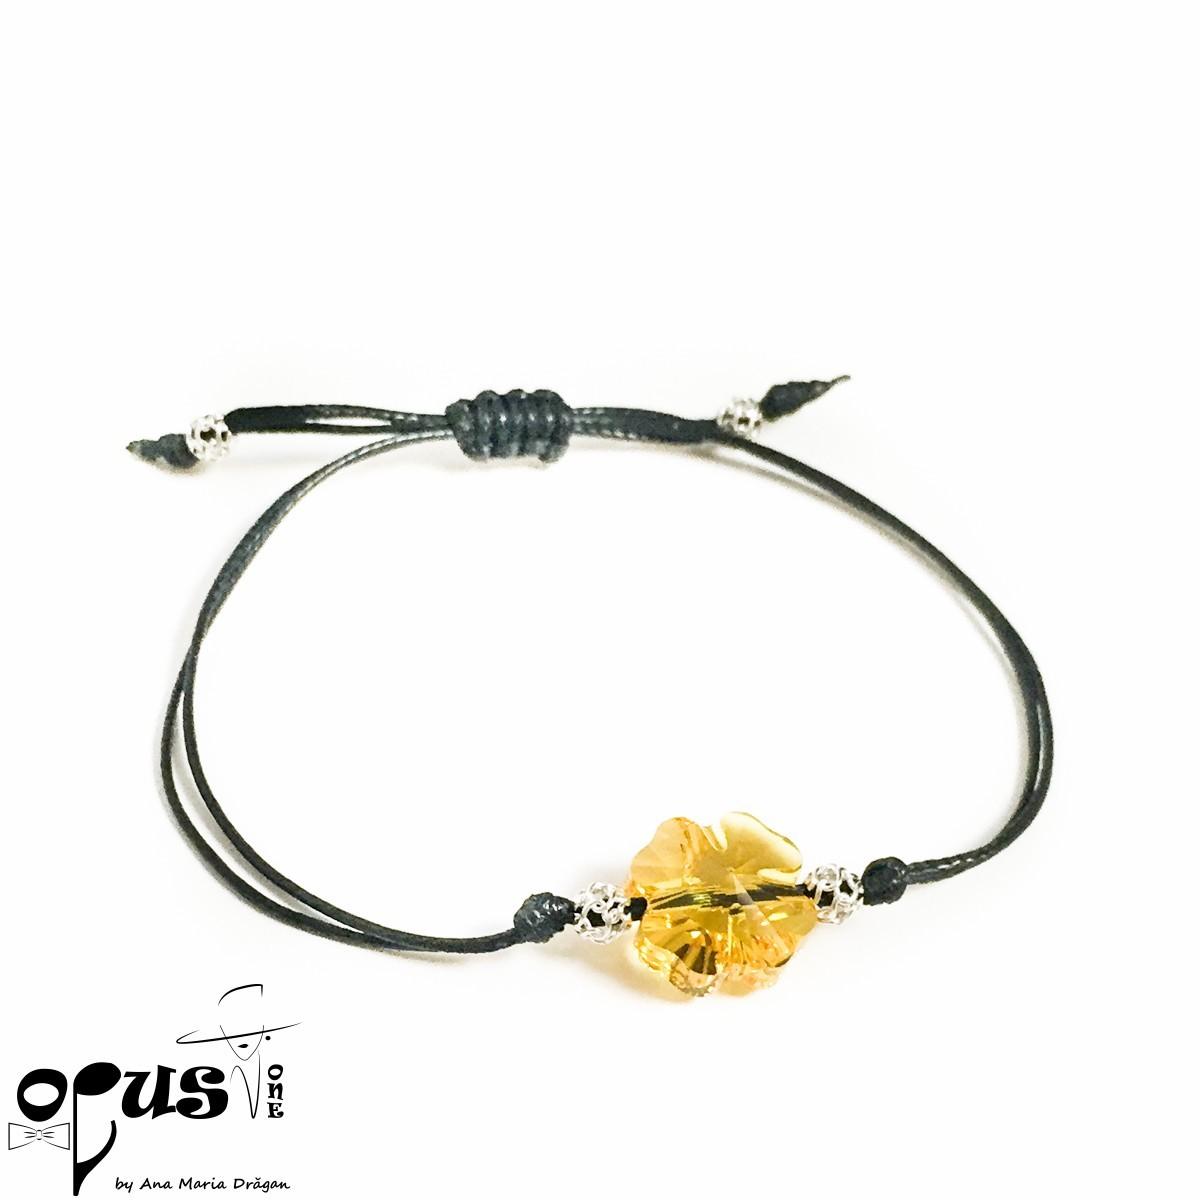 Bratara cu snur negru si trifoi galben